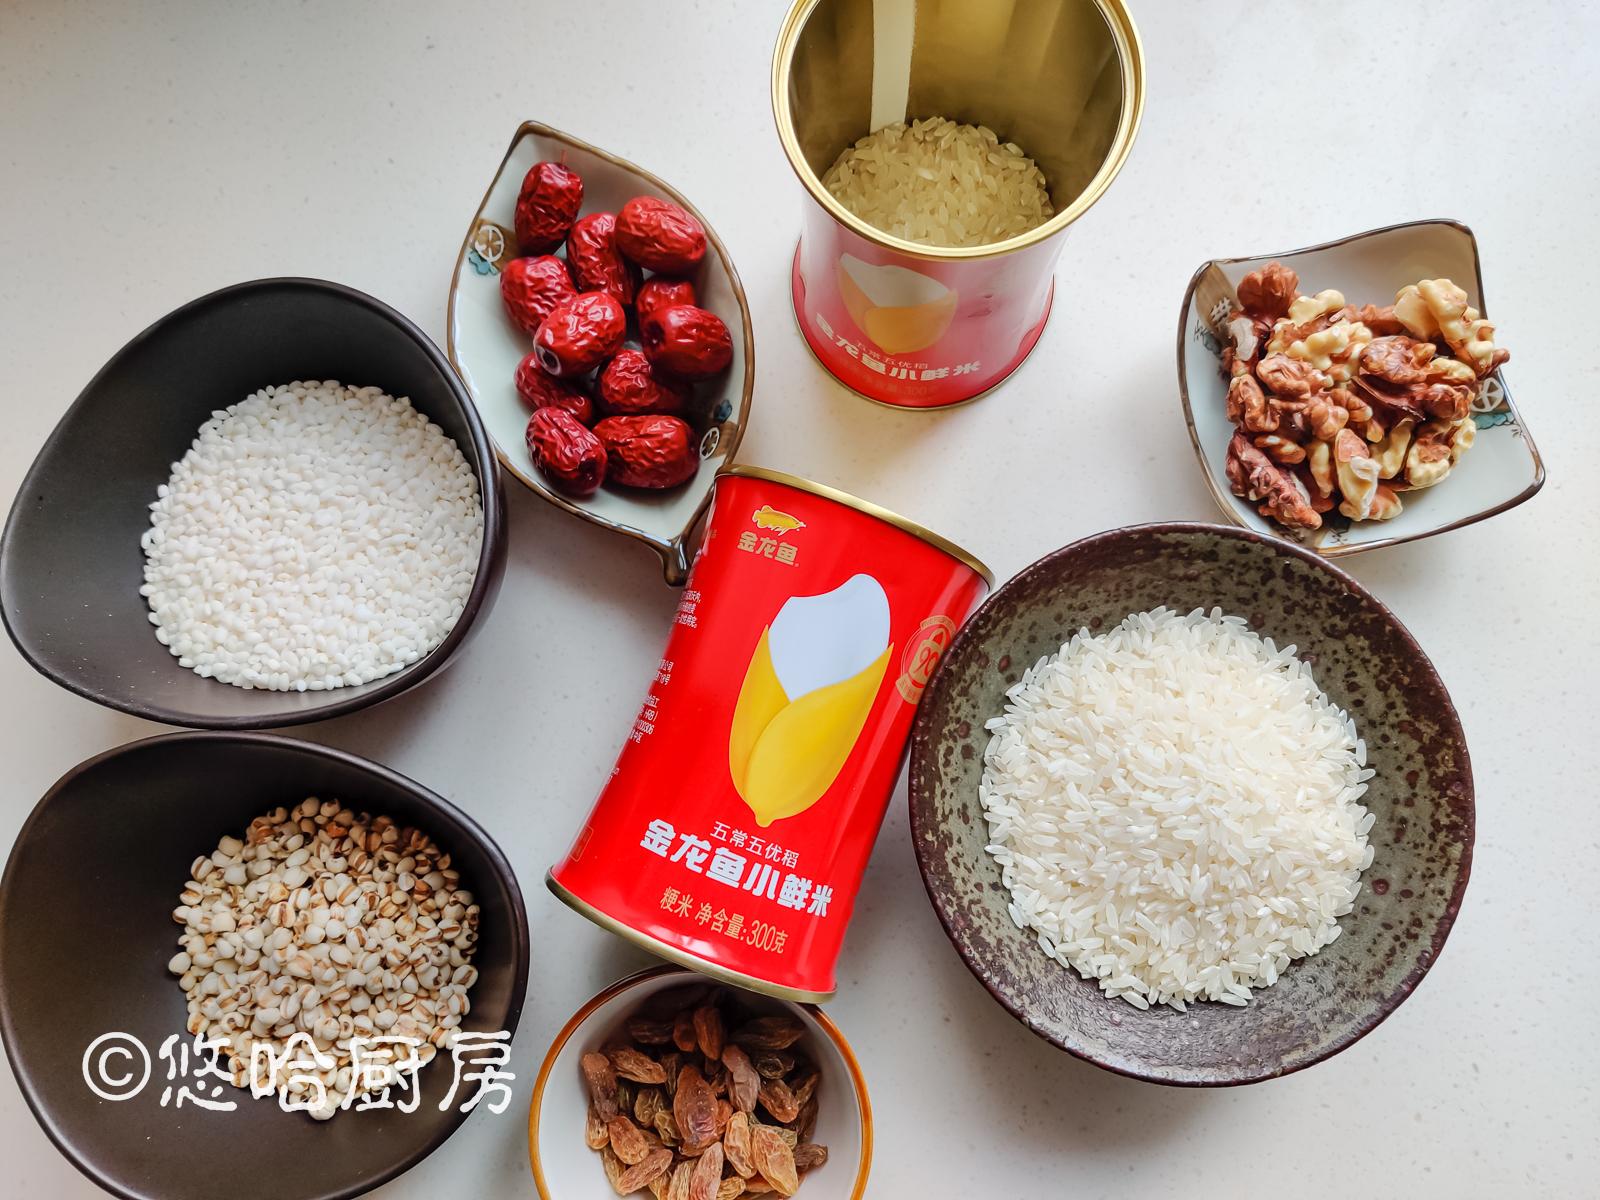 快手版的八宝饭,不甜不腻,软糯清香,做法简单一锅出